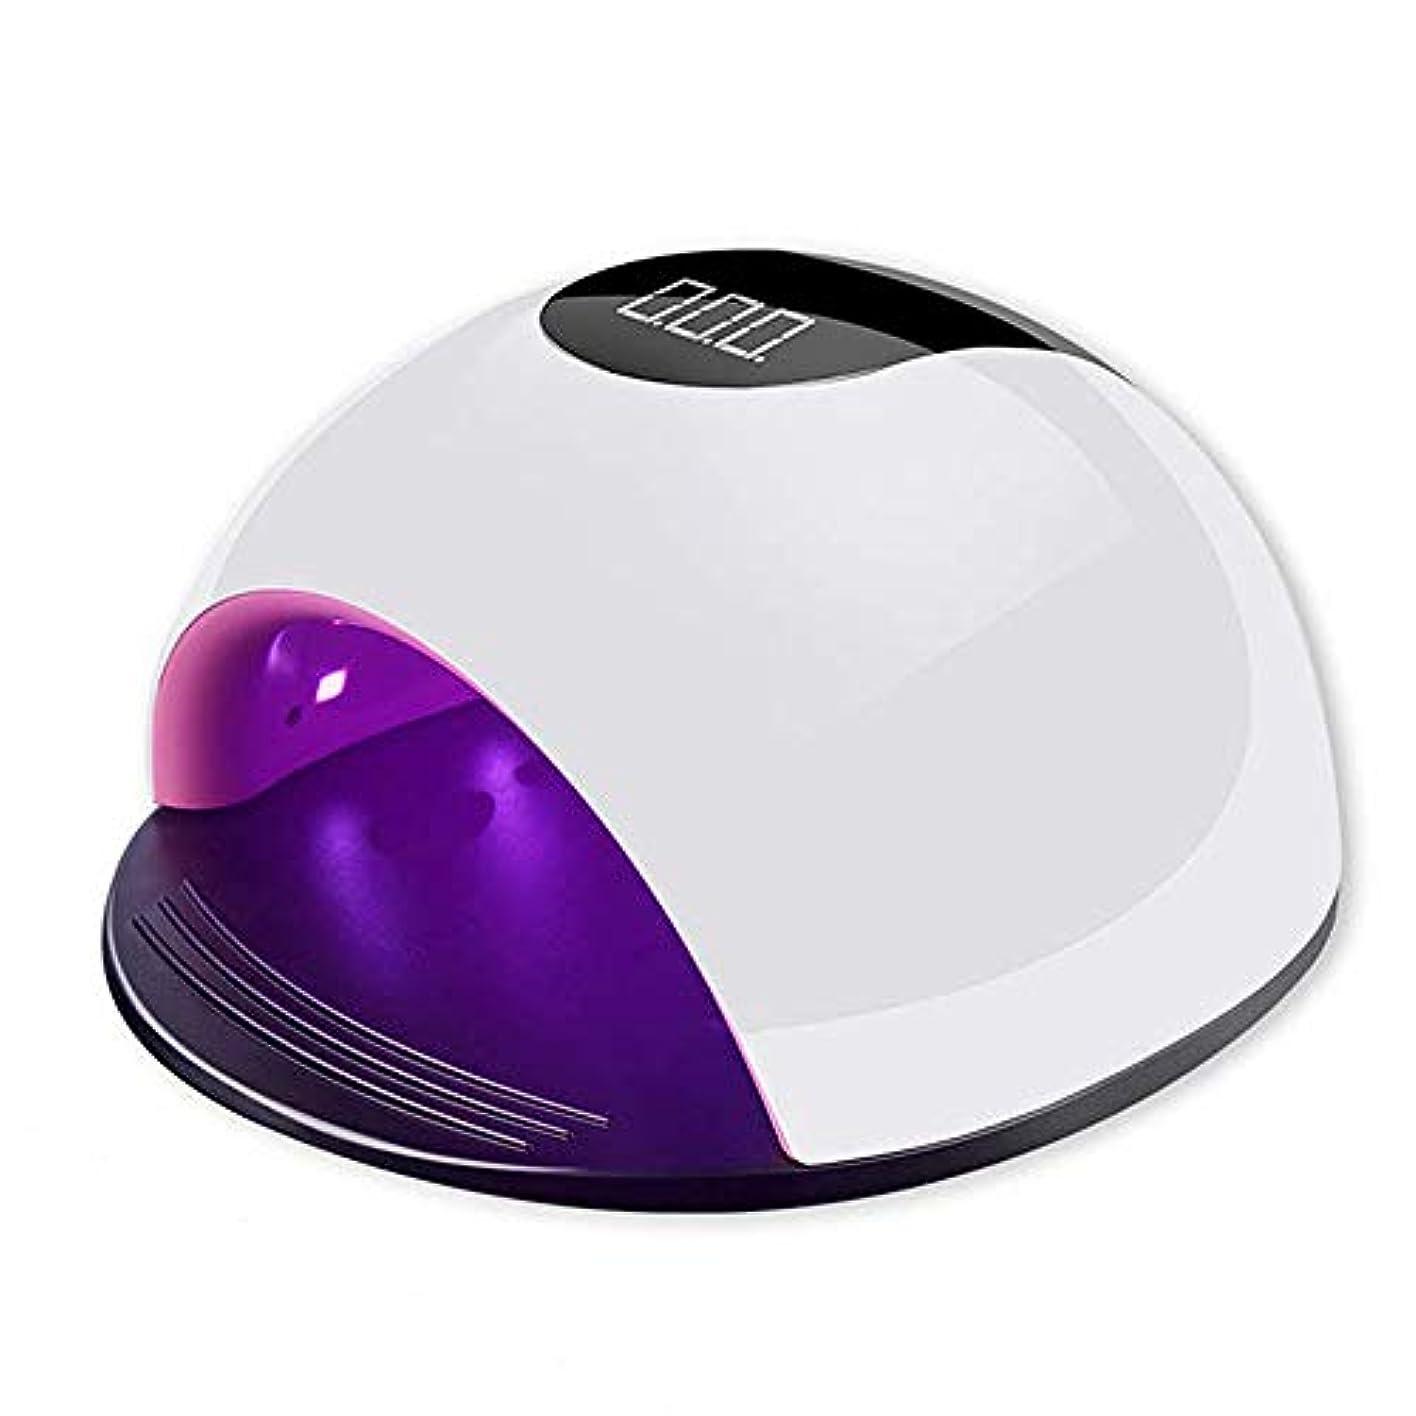 無傷お気に入りカテゴリー高速硬化赤外線ネイル硬化用マニキュア用 UV LED タイマ 自動センサ機能ジェルネイルライト ホワイト